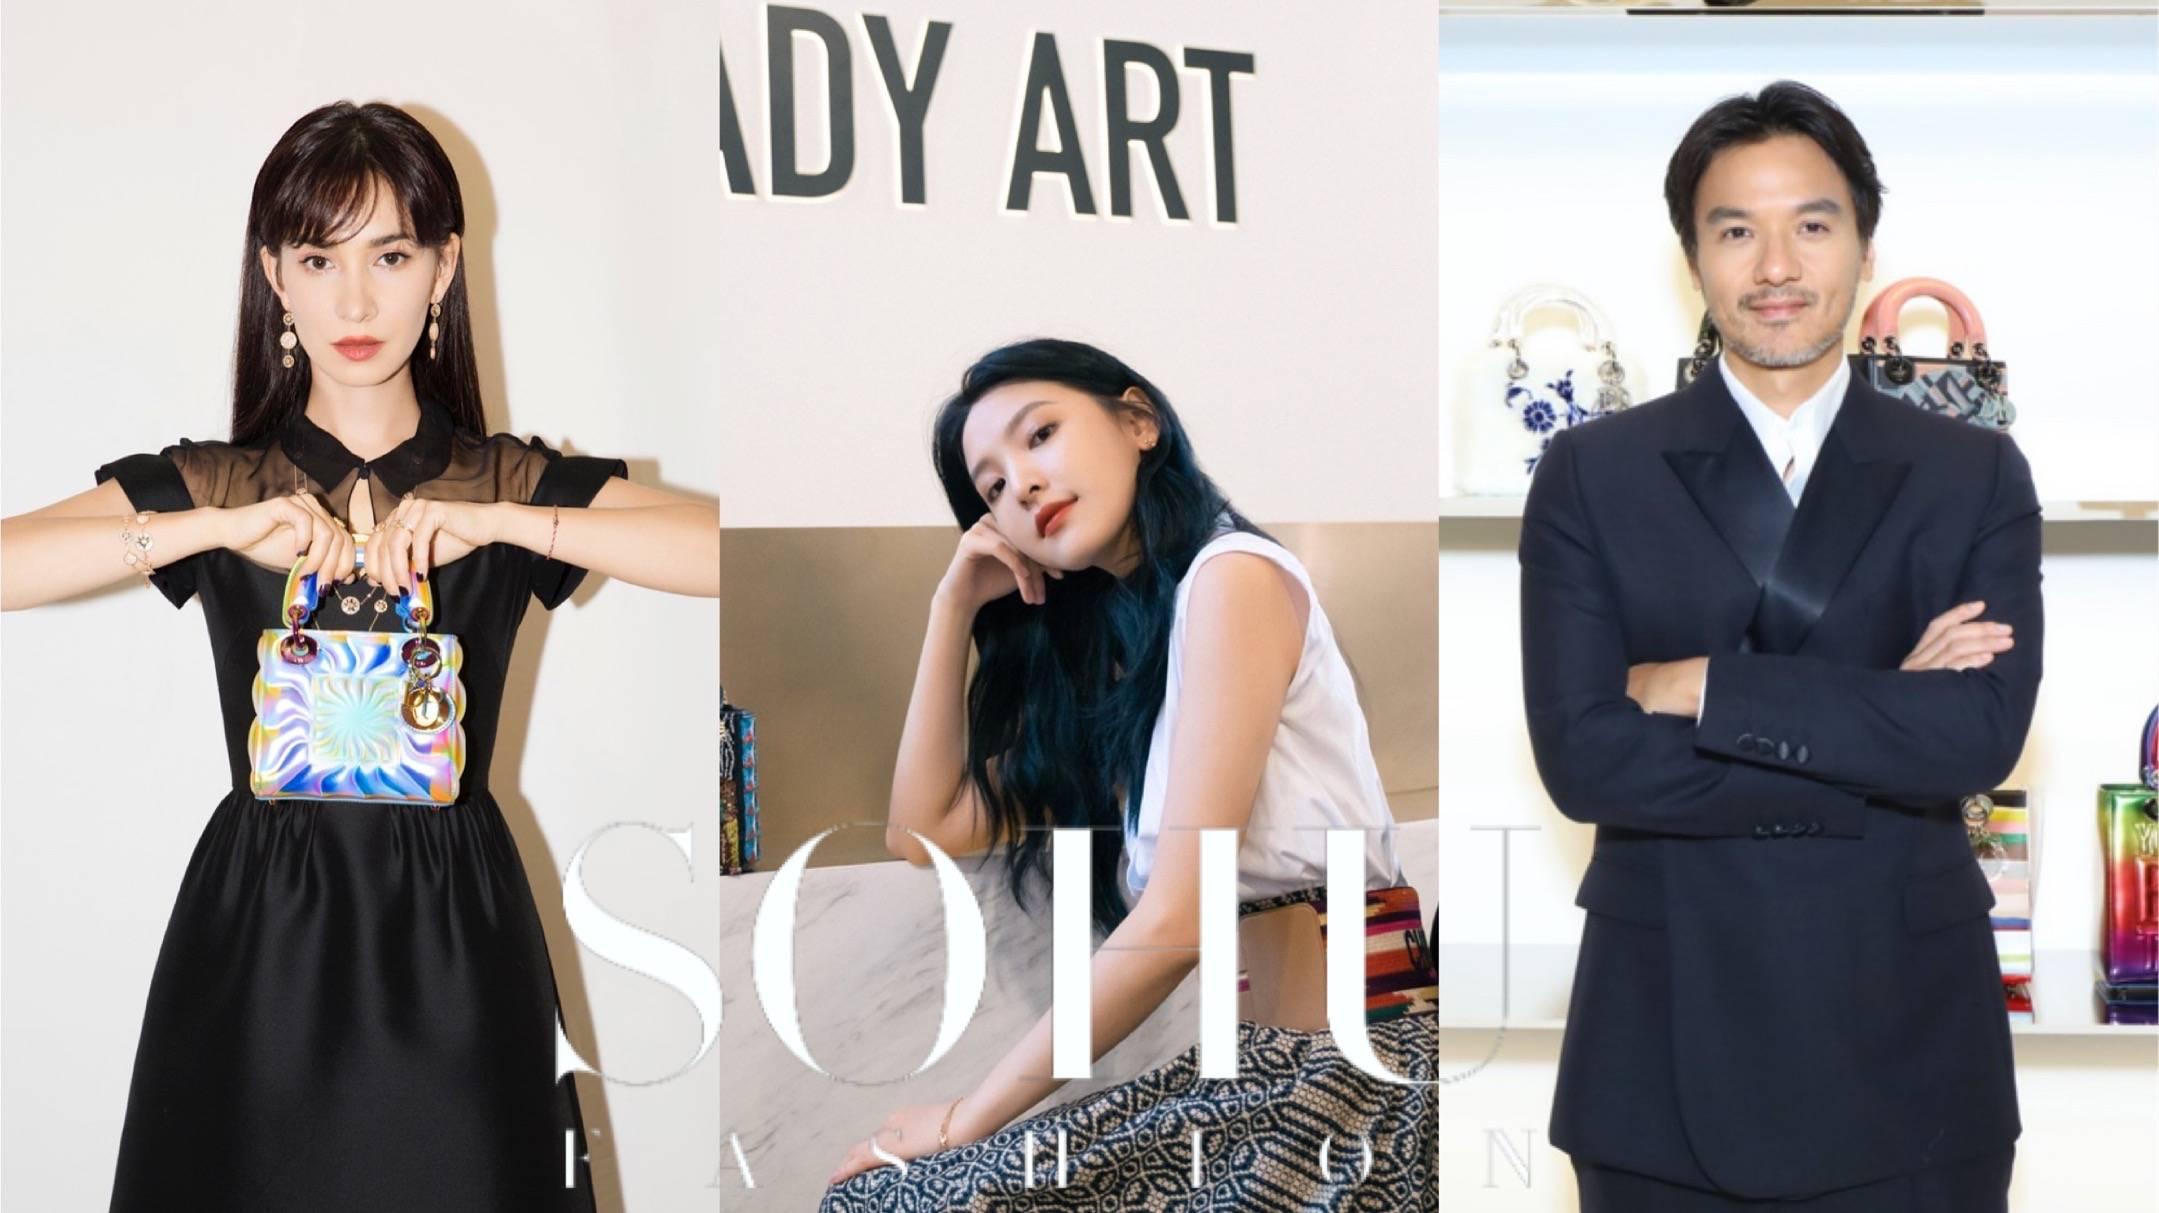 究竟是什么神仙合作款,让卢靖姗和章若楠不断为它打Call?_Dior